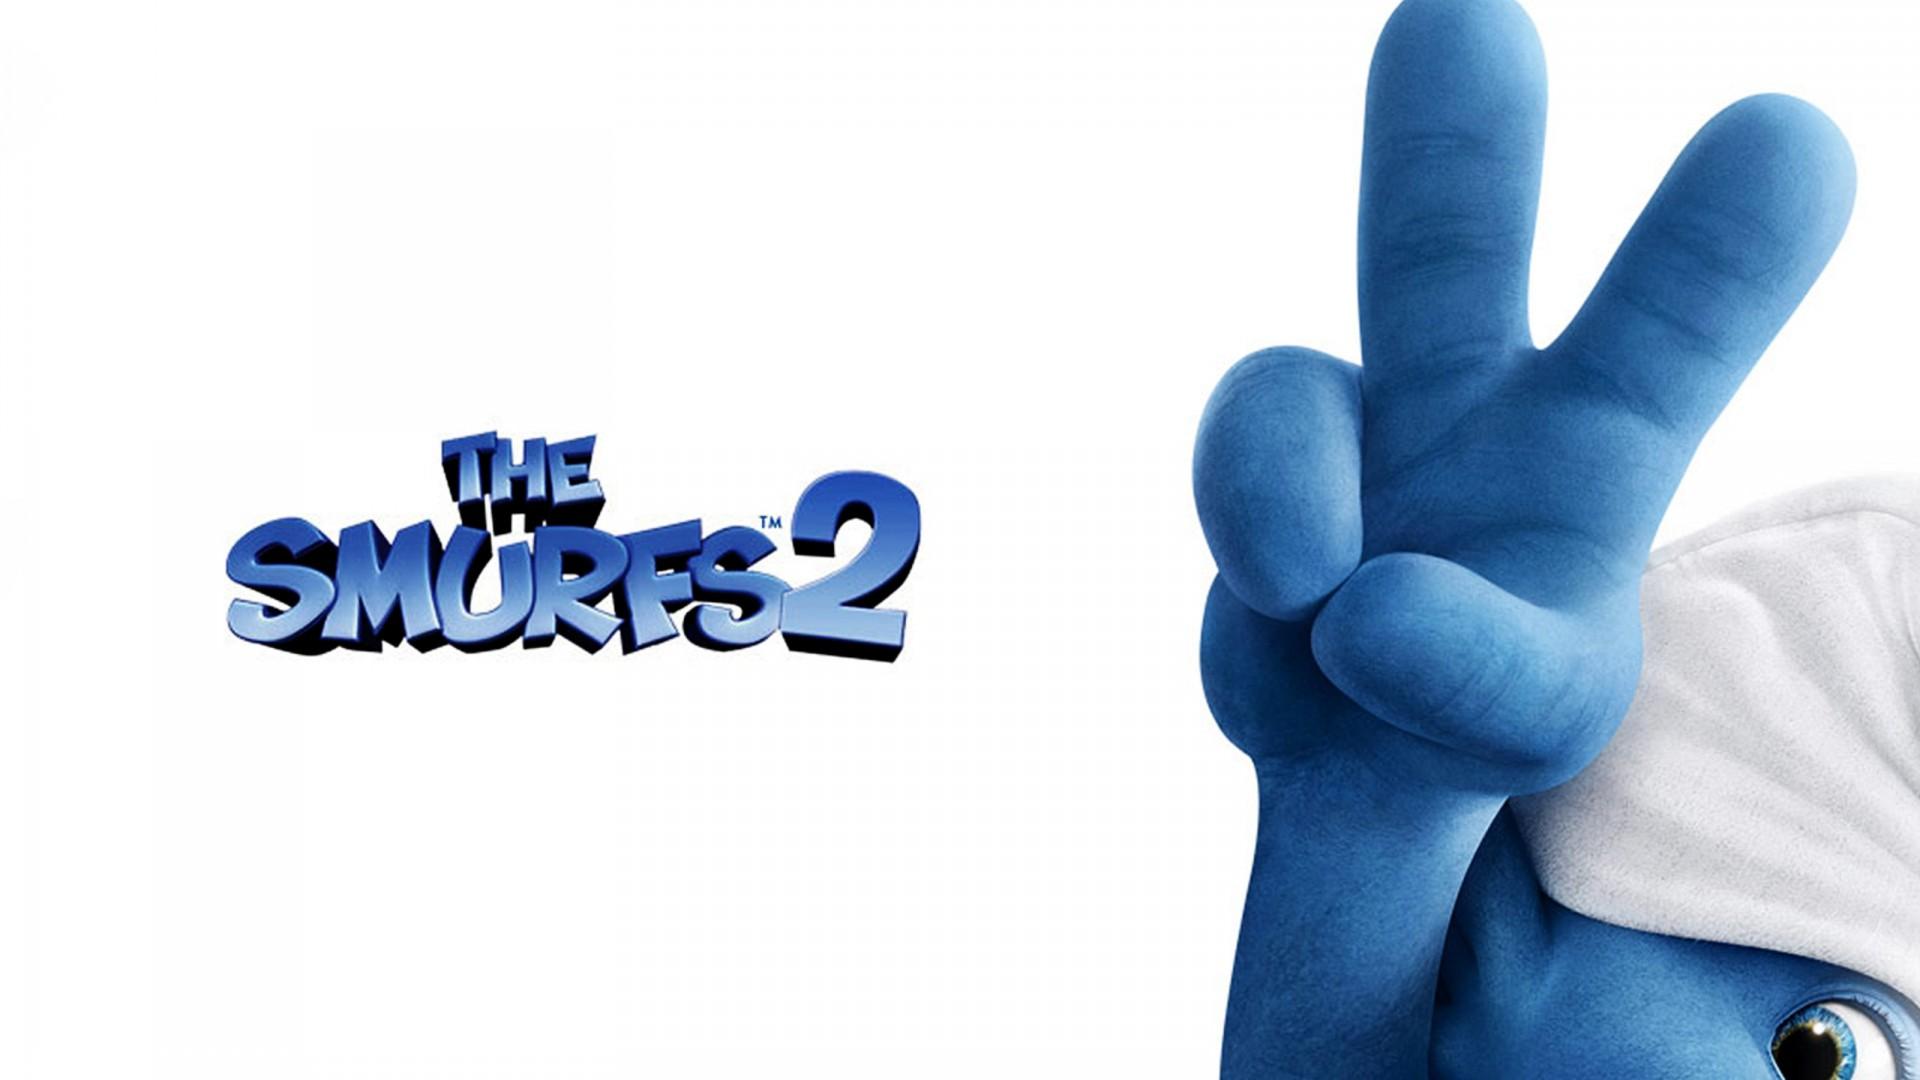 The Smurfs 2 wallpaper 4